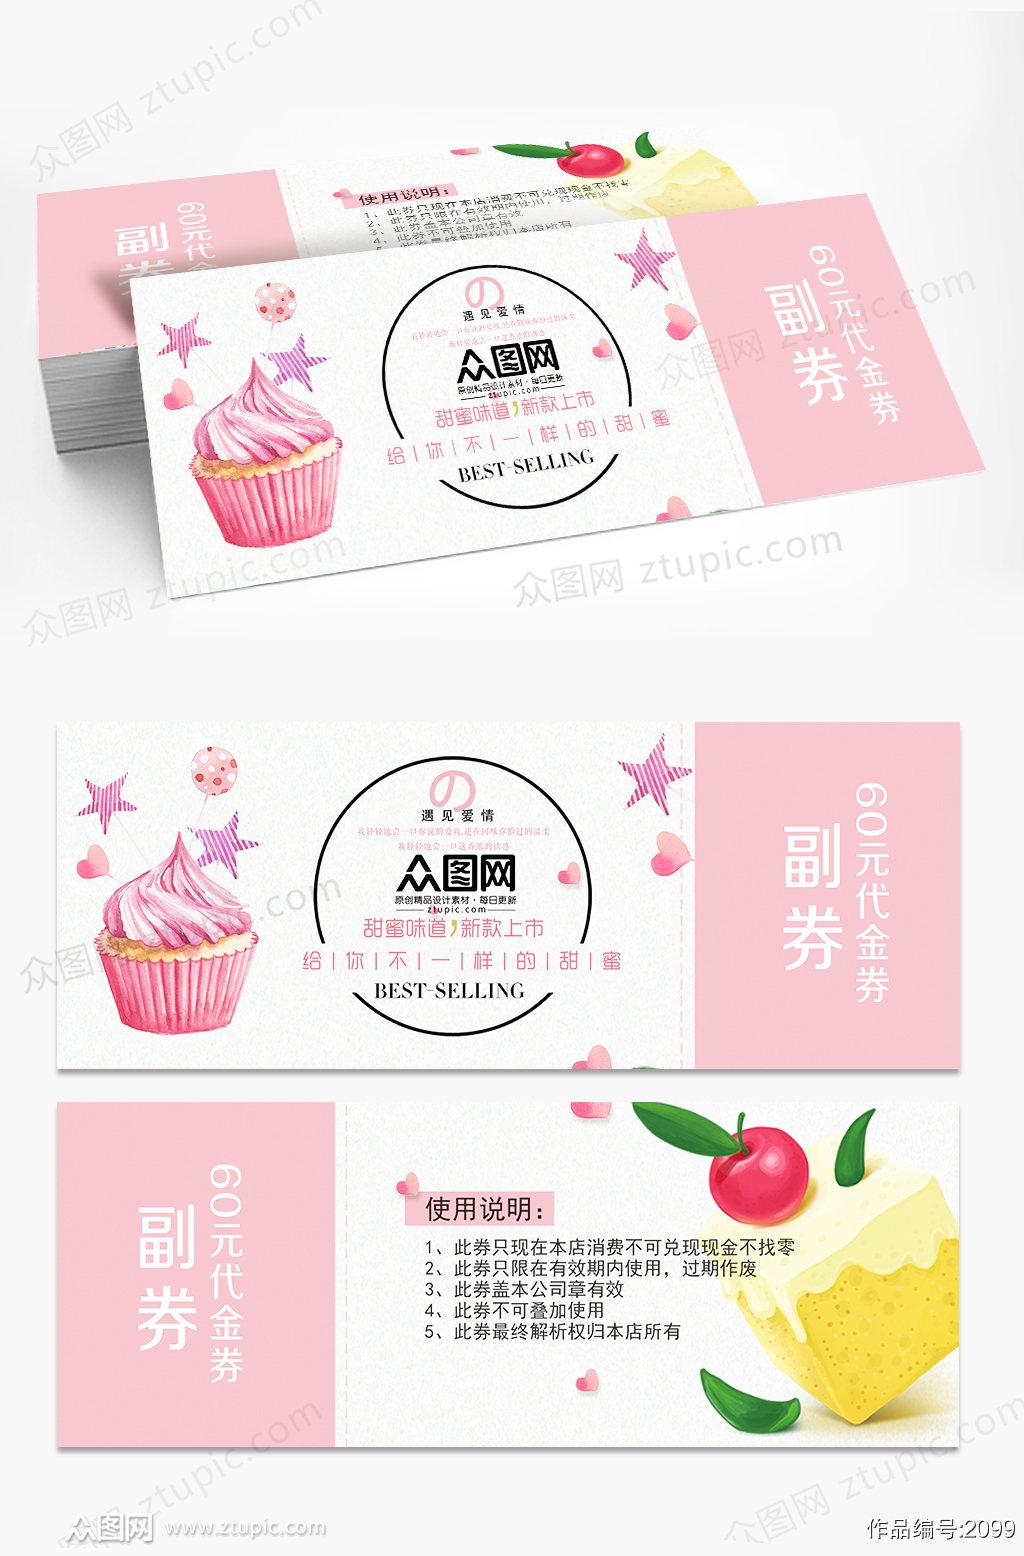 粉色蛋糕甜品店代金券设计素材